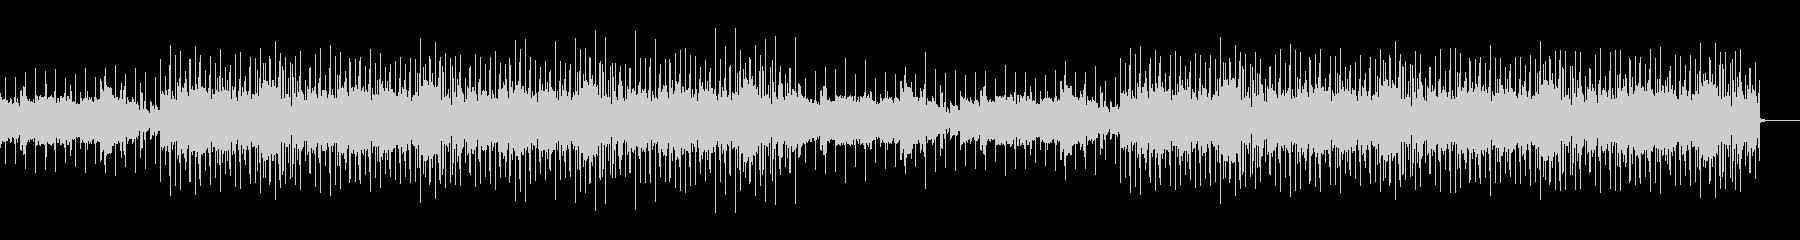 Lo-Fi チルアウト4の未再生の波形